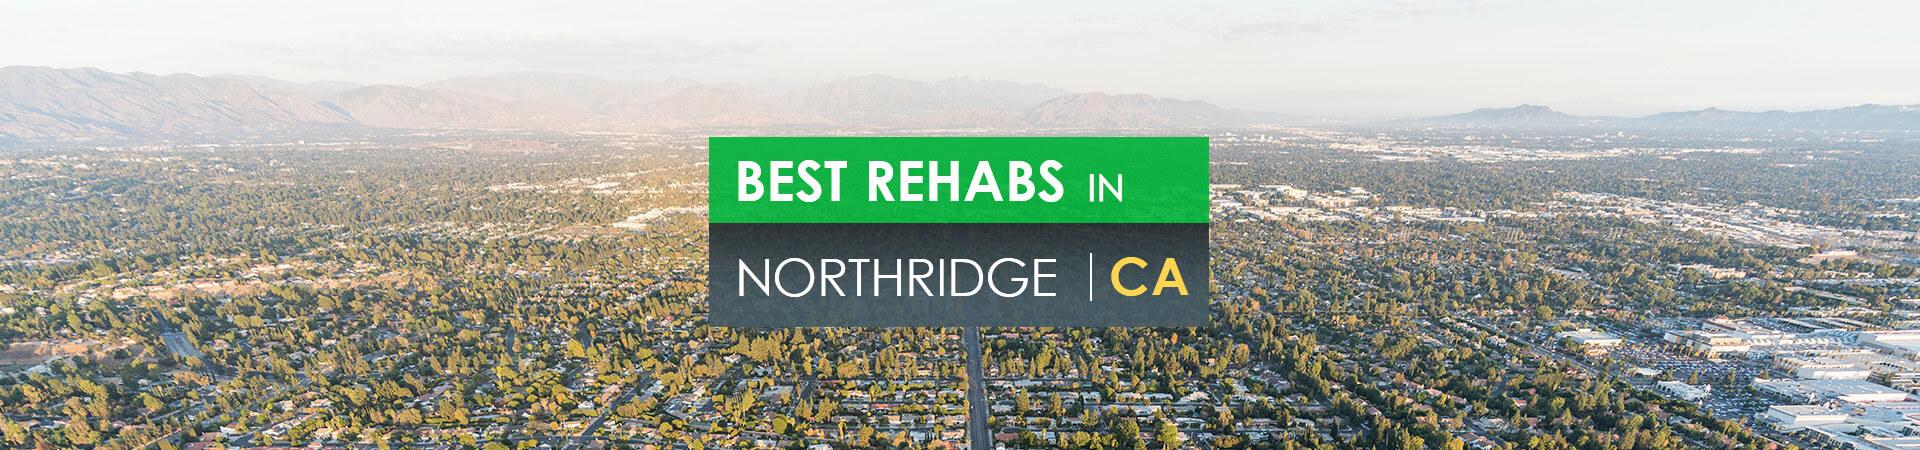 Best rehabs in Northridge, CA